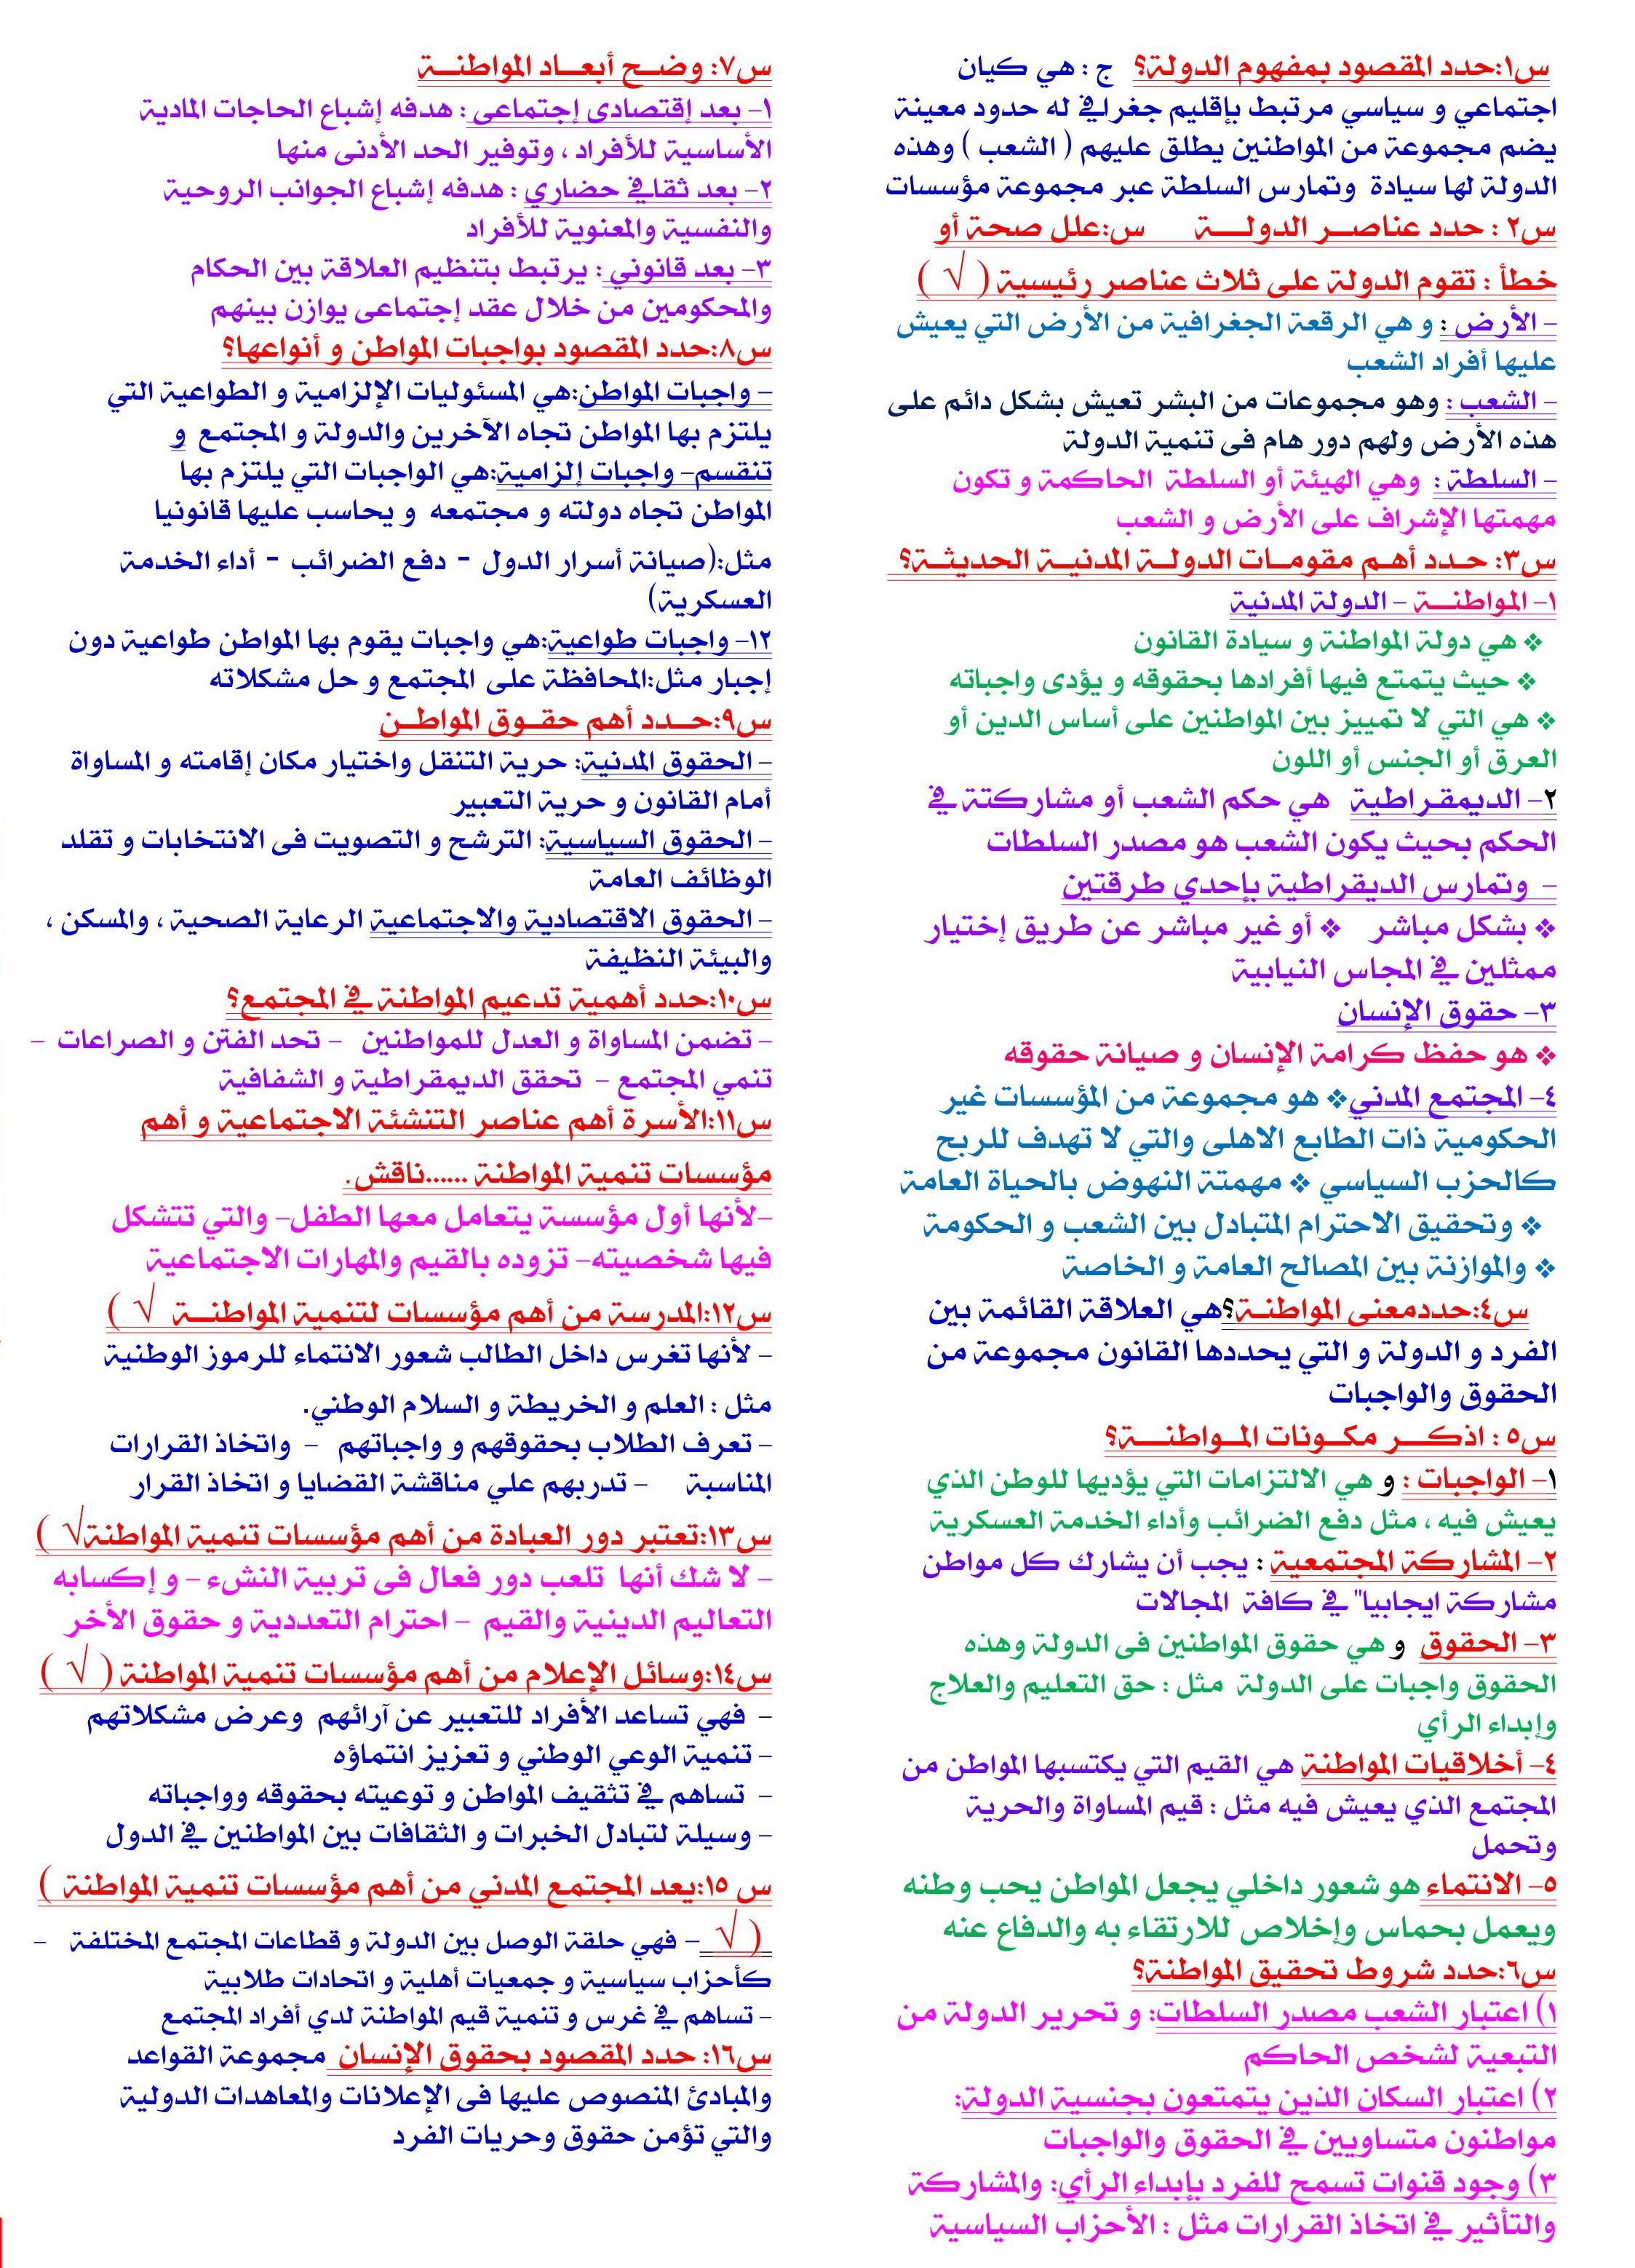 مراجعة تربية وطنية مواطنه وحقوق انسان تانية ثانوى (1)